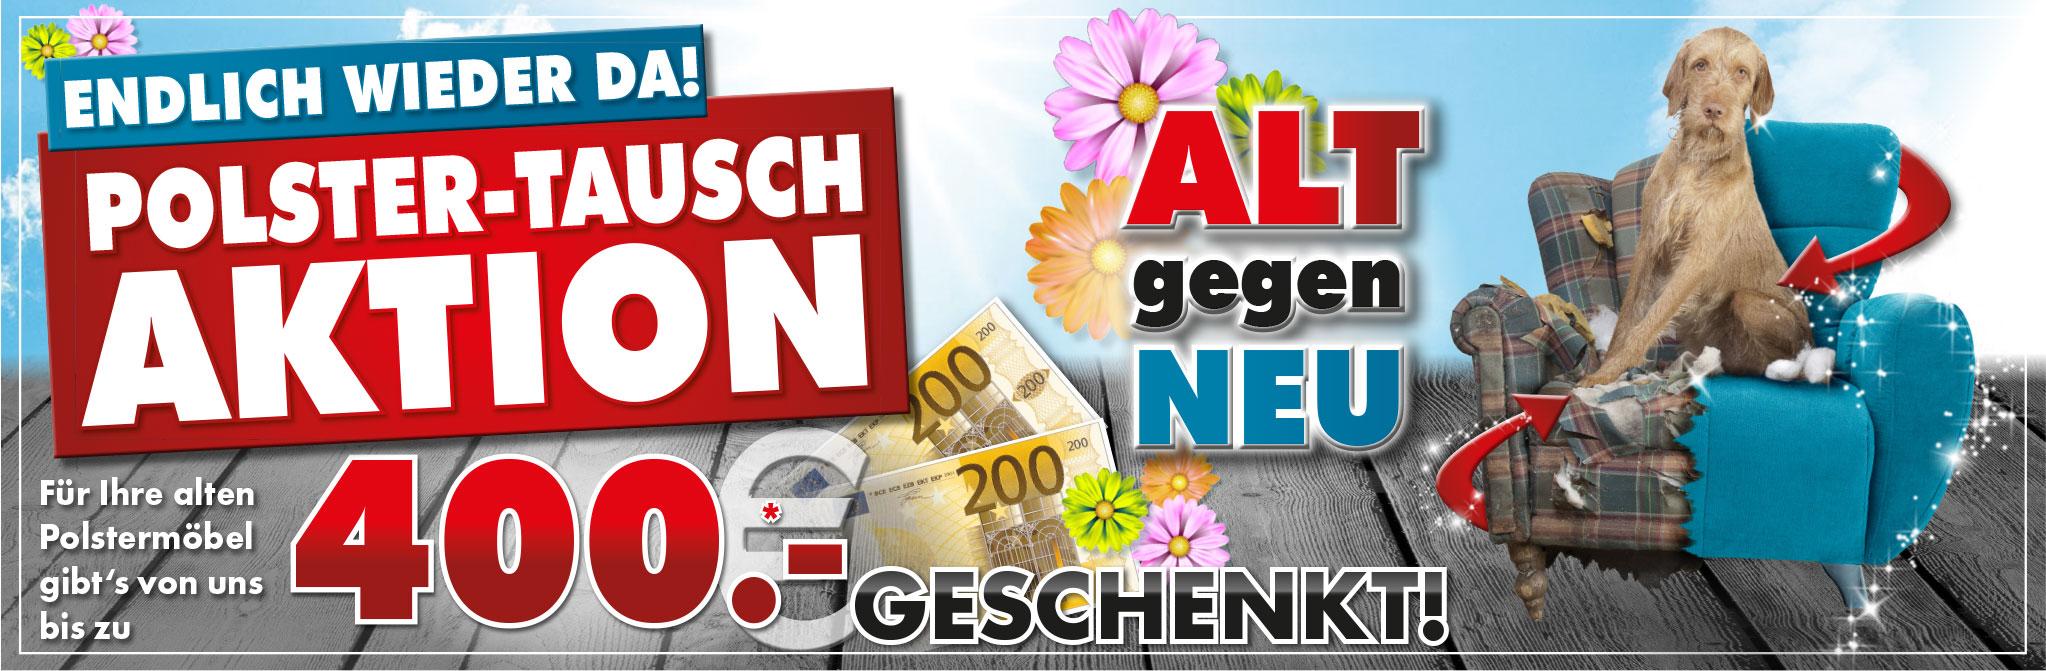 Polstertausch-Aktion bei Möbel Gradinger: Alt gegen Neu!